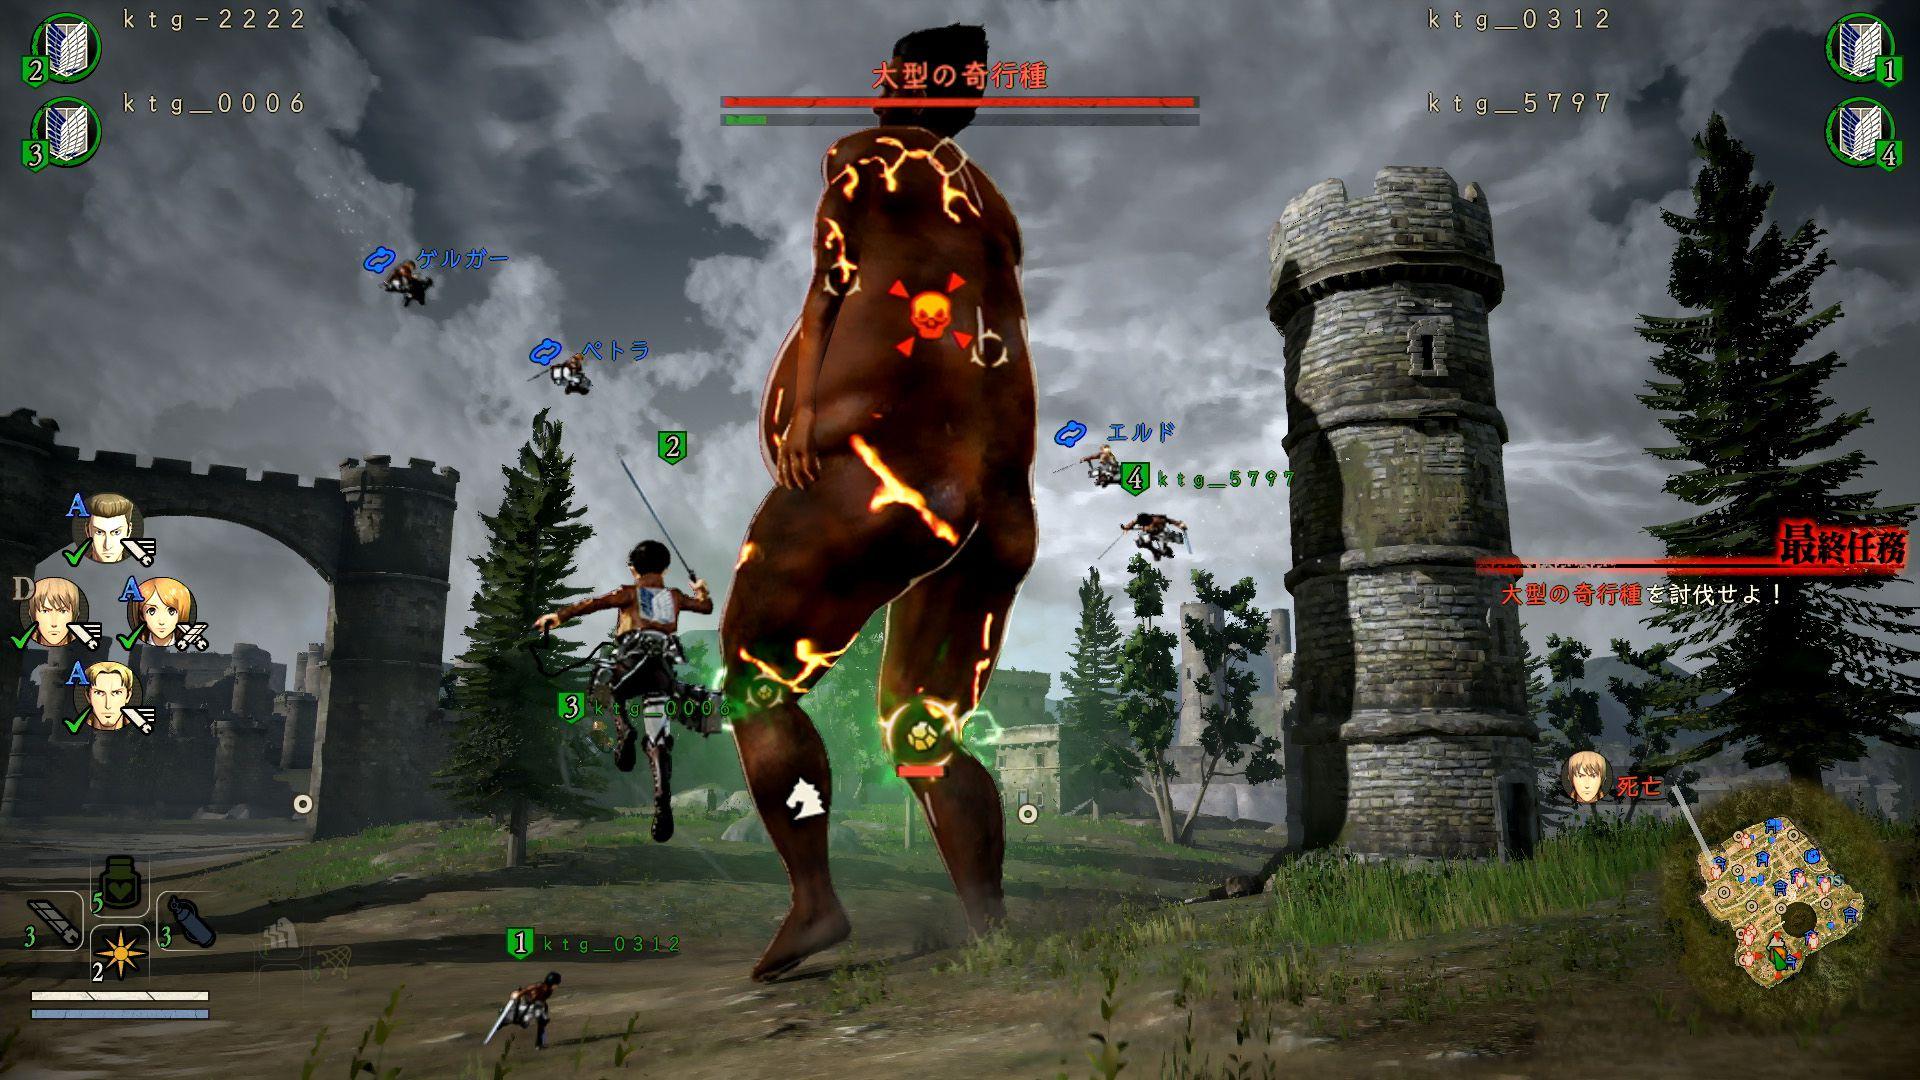 Découvrez Les Modes De Jeu En Ligne D'attack On Titan 2 concernant Jeux A Deux En Ligne